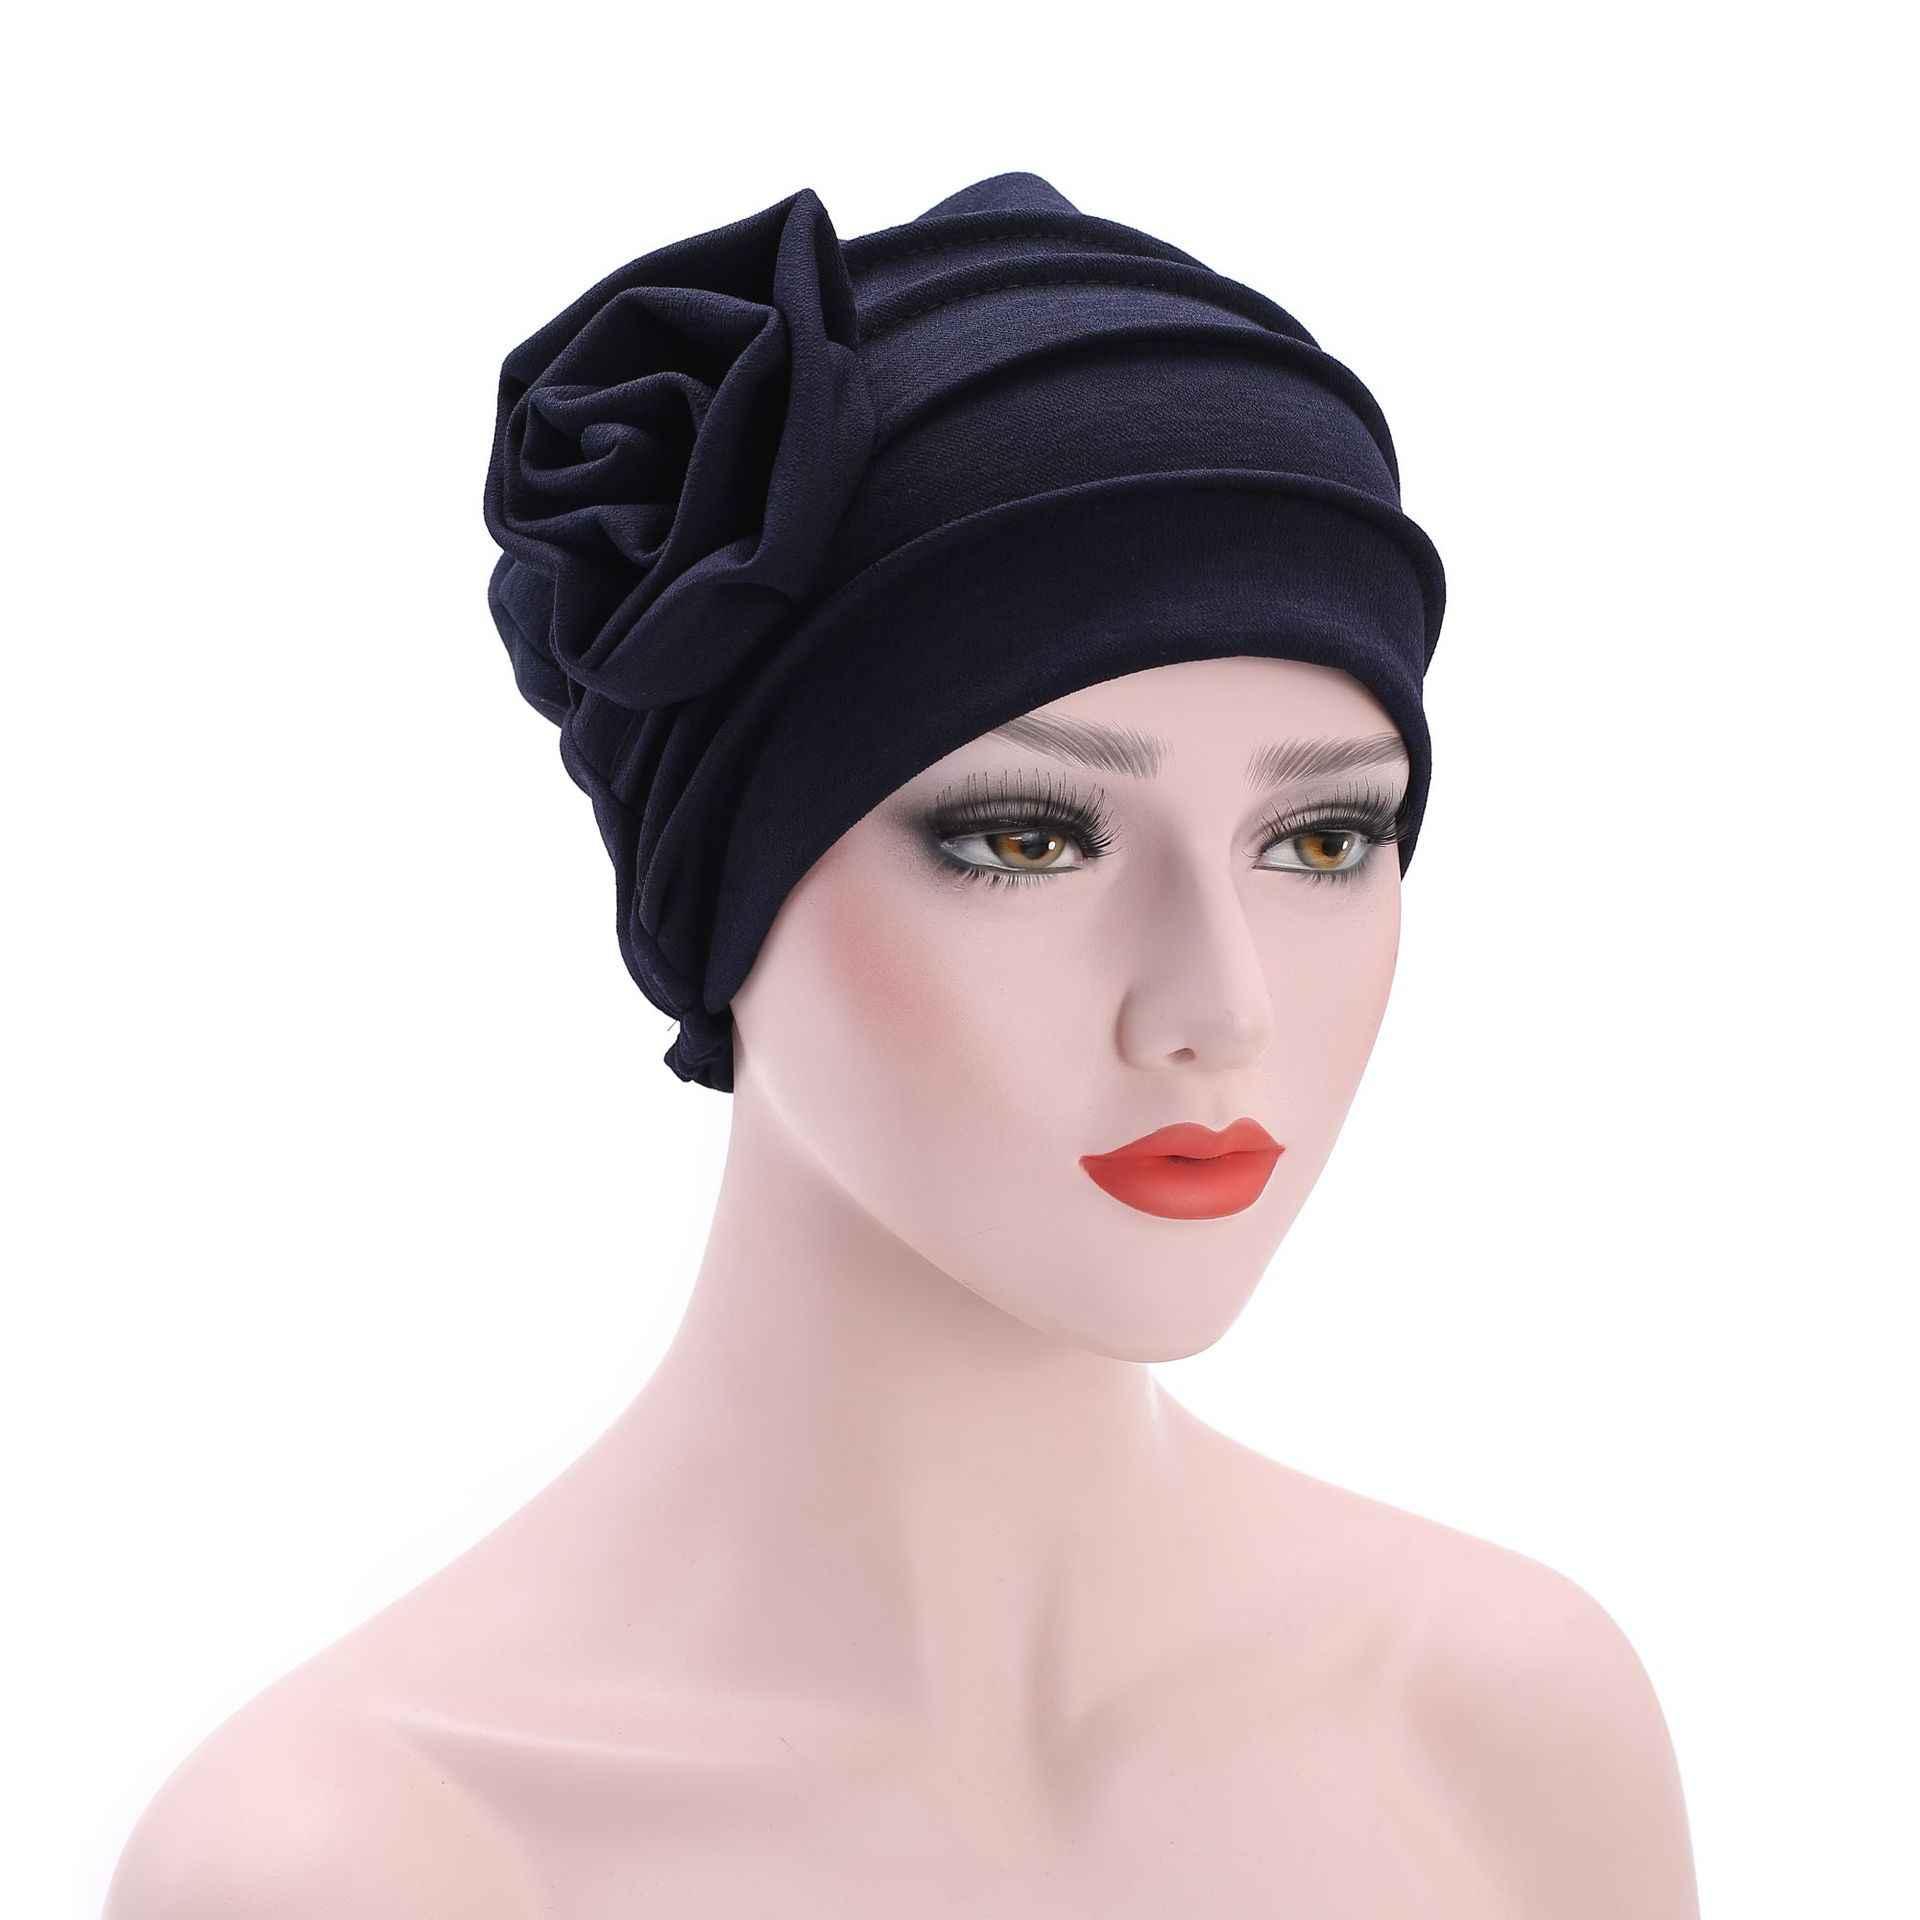 Helisopus Женская мода Большой цветок головной убор тюрбан мусульманская шляпа воздухопроницаемая Кепка леди выпадение волос аксессуары для волос